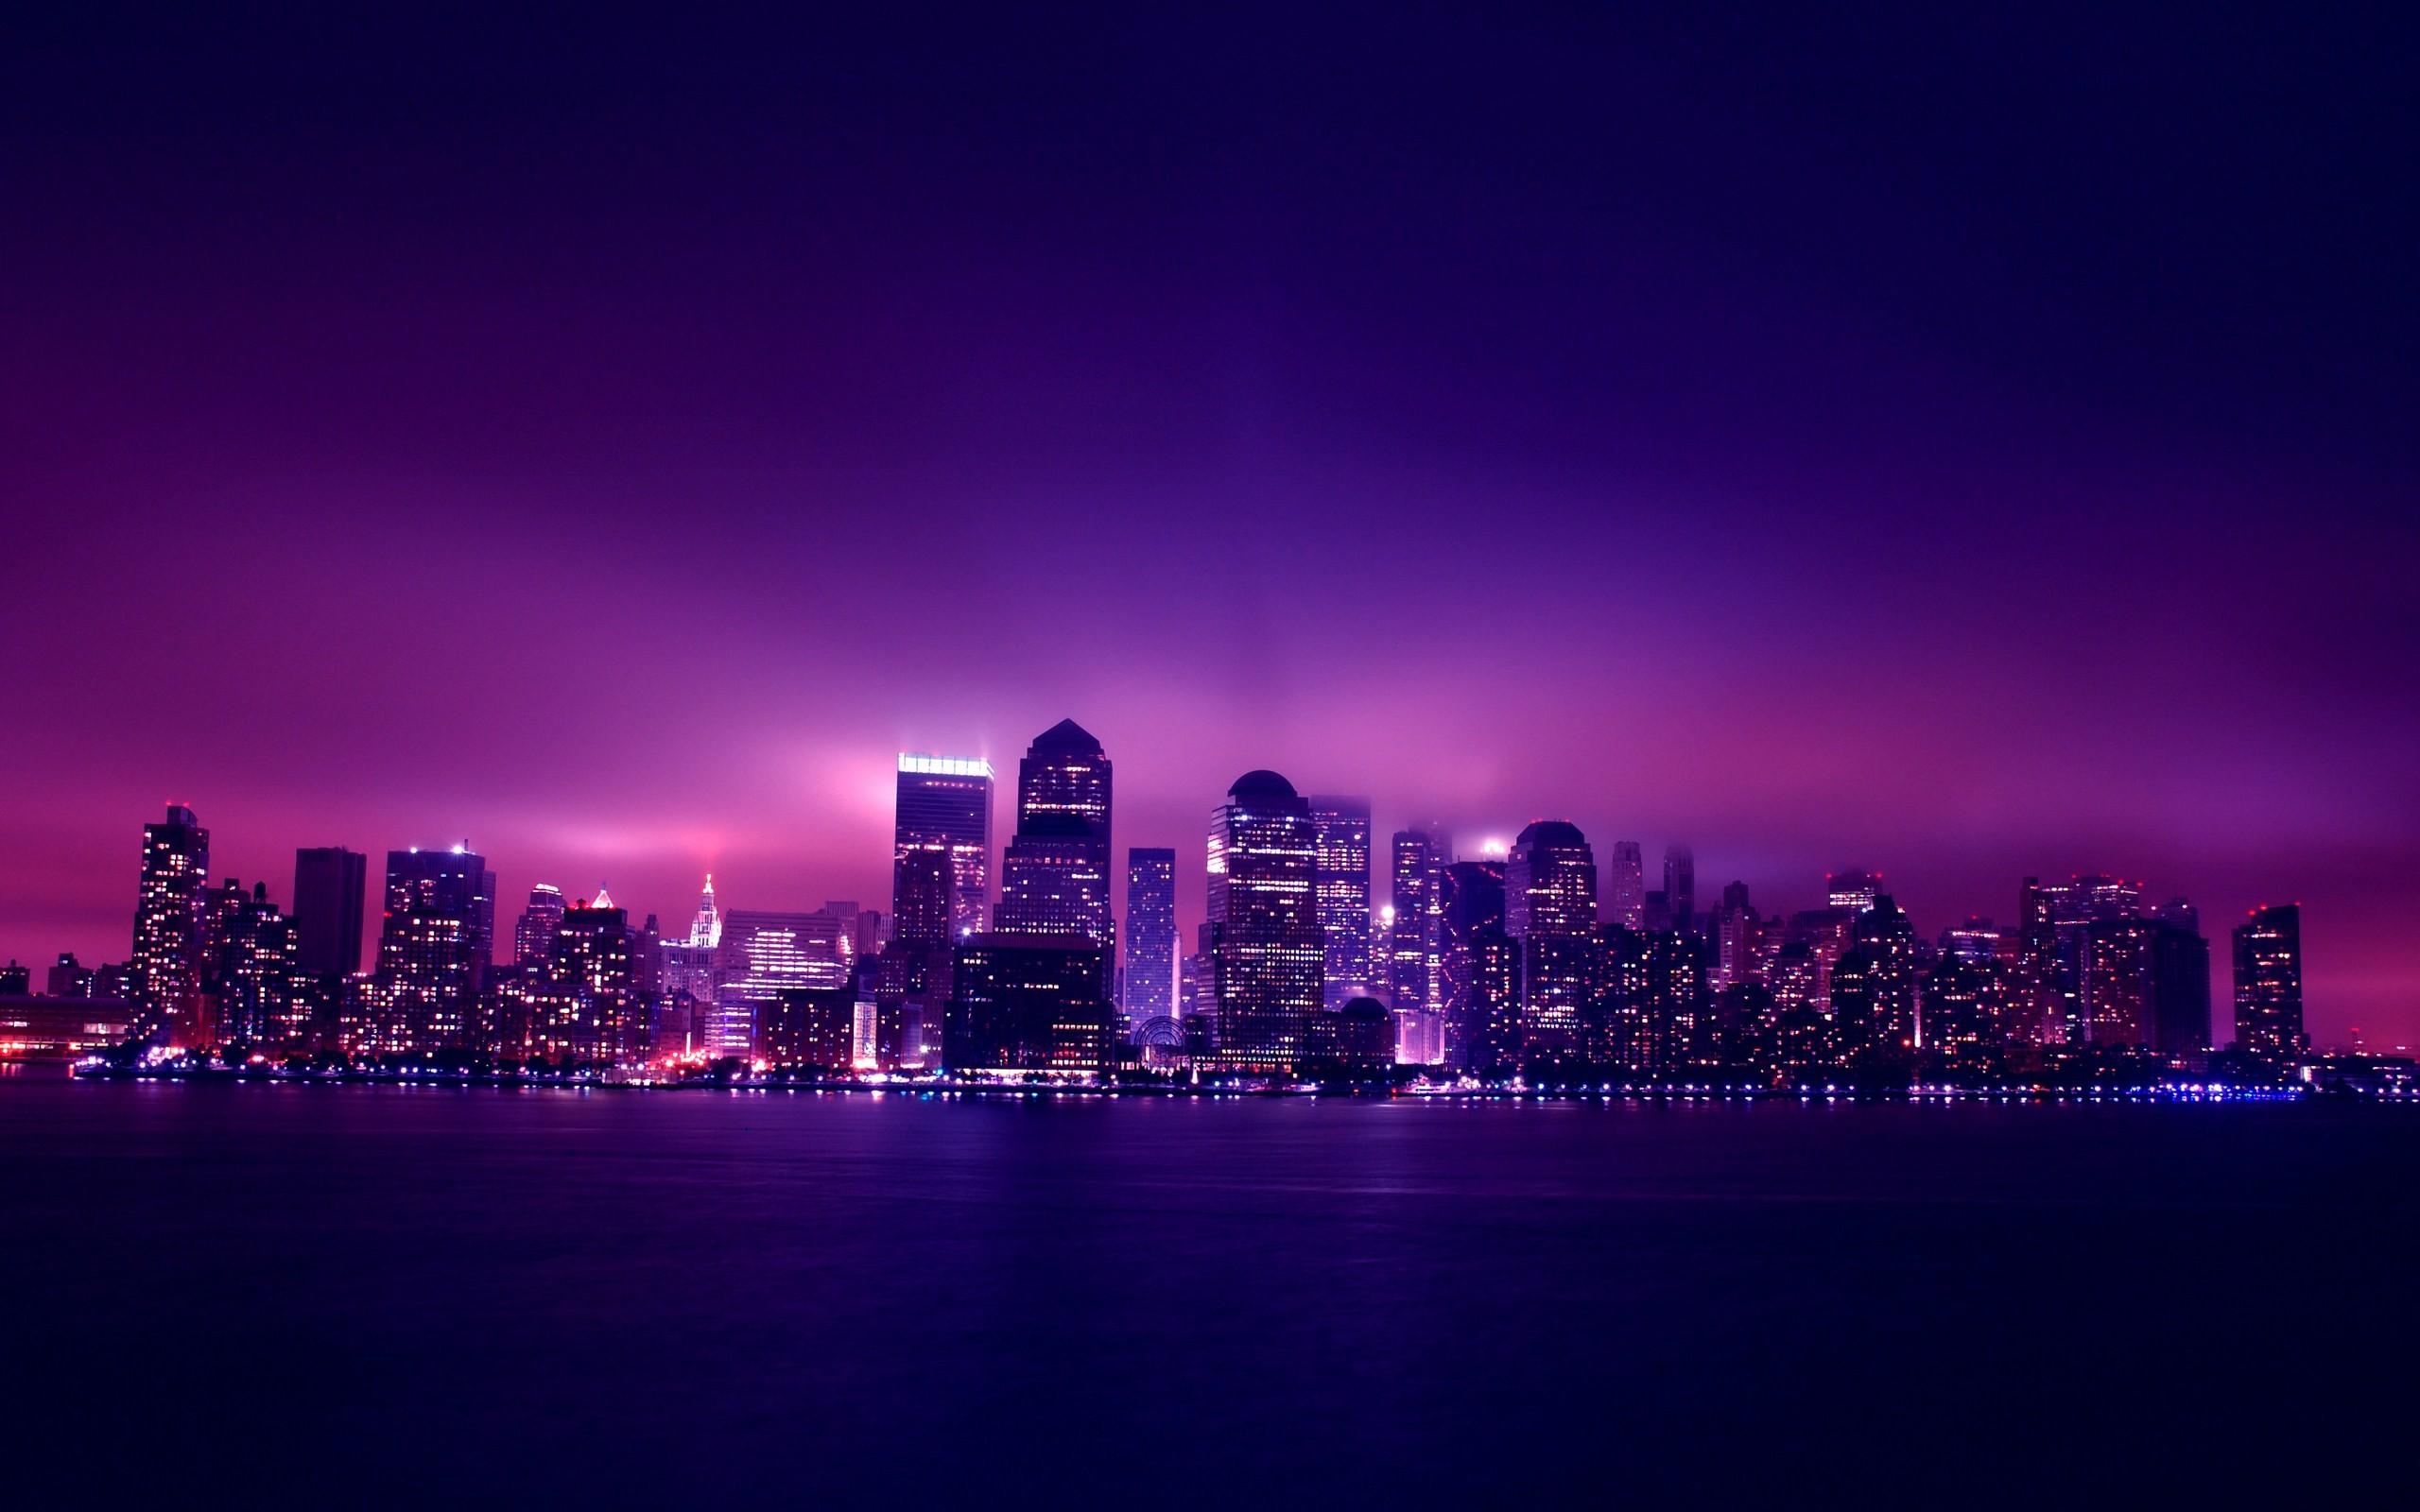 City At Night Wallpaper 2014 HD